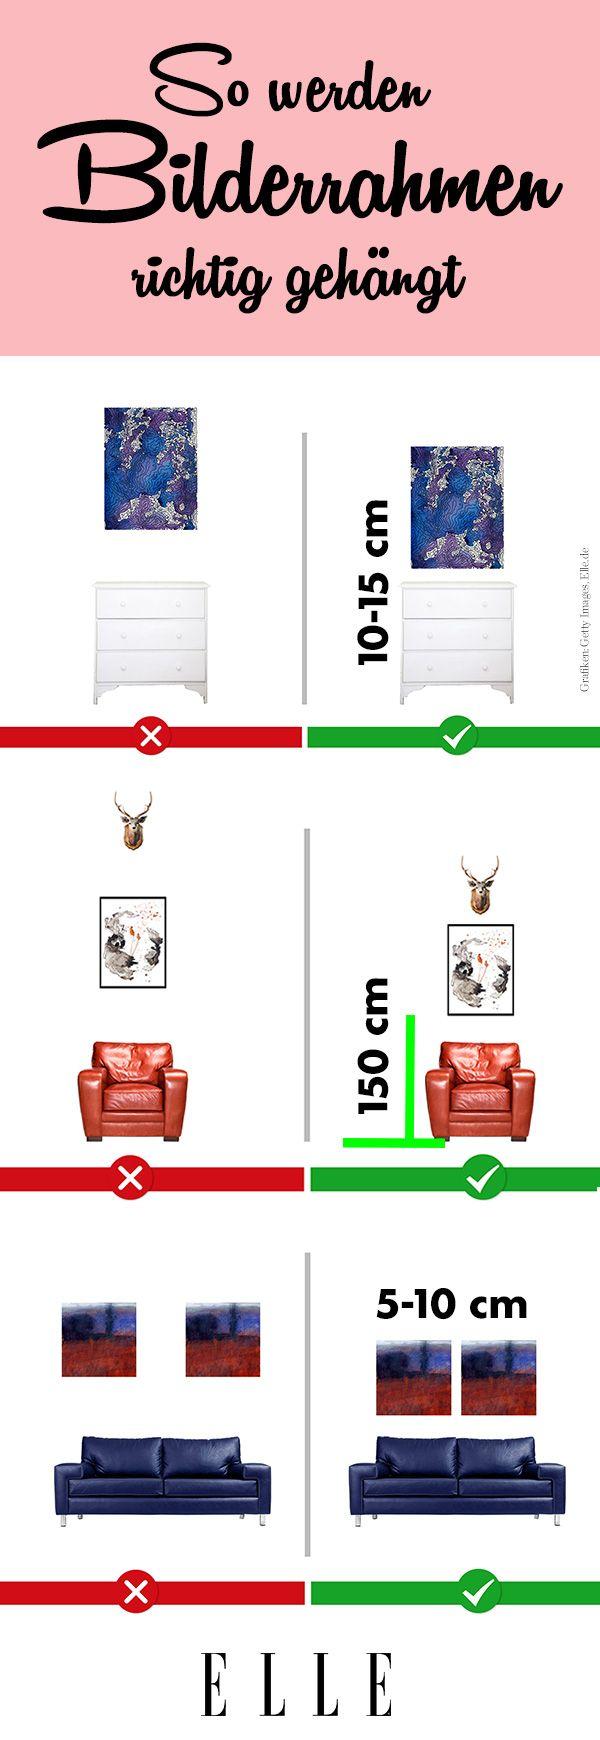 Das Interior, die Raumgröße oder die Sonneneinstrahlung: Gleich mehrere Faktoren haben Einfluss auf die Wirkung einer Bilderwand. Vor allem aber die Einrichtung vor der Wand muss beim Aufhängen von Bildern beachtet werden. #dekor